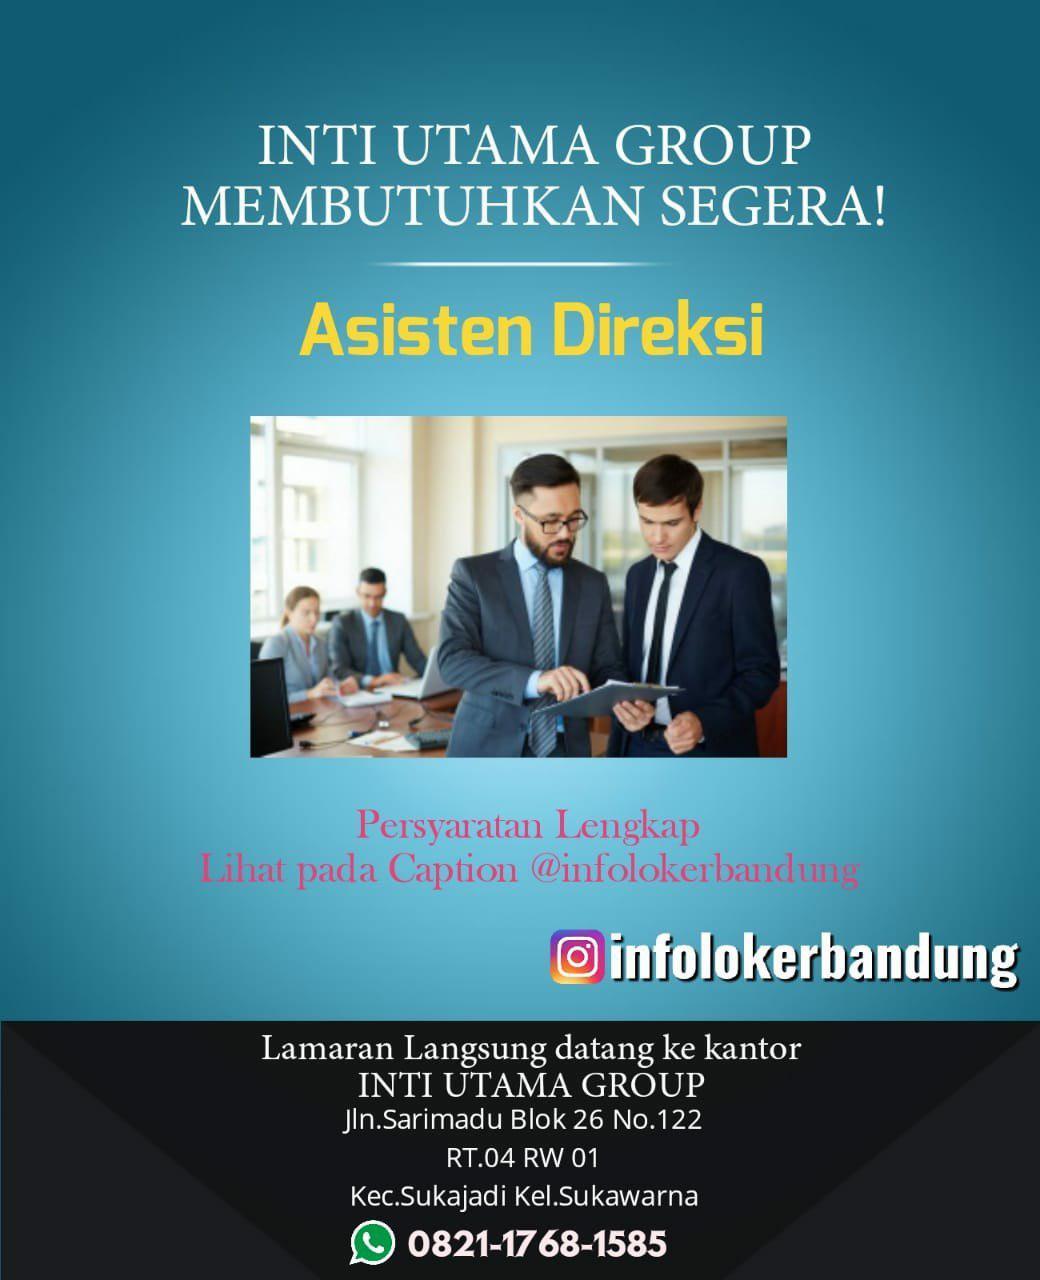 Lowongan Kerja Inti Utama Group Bandung Desember 2019